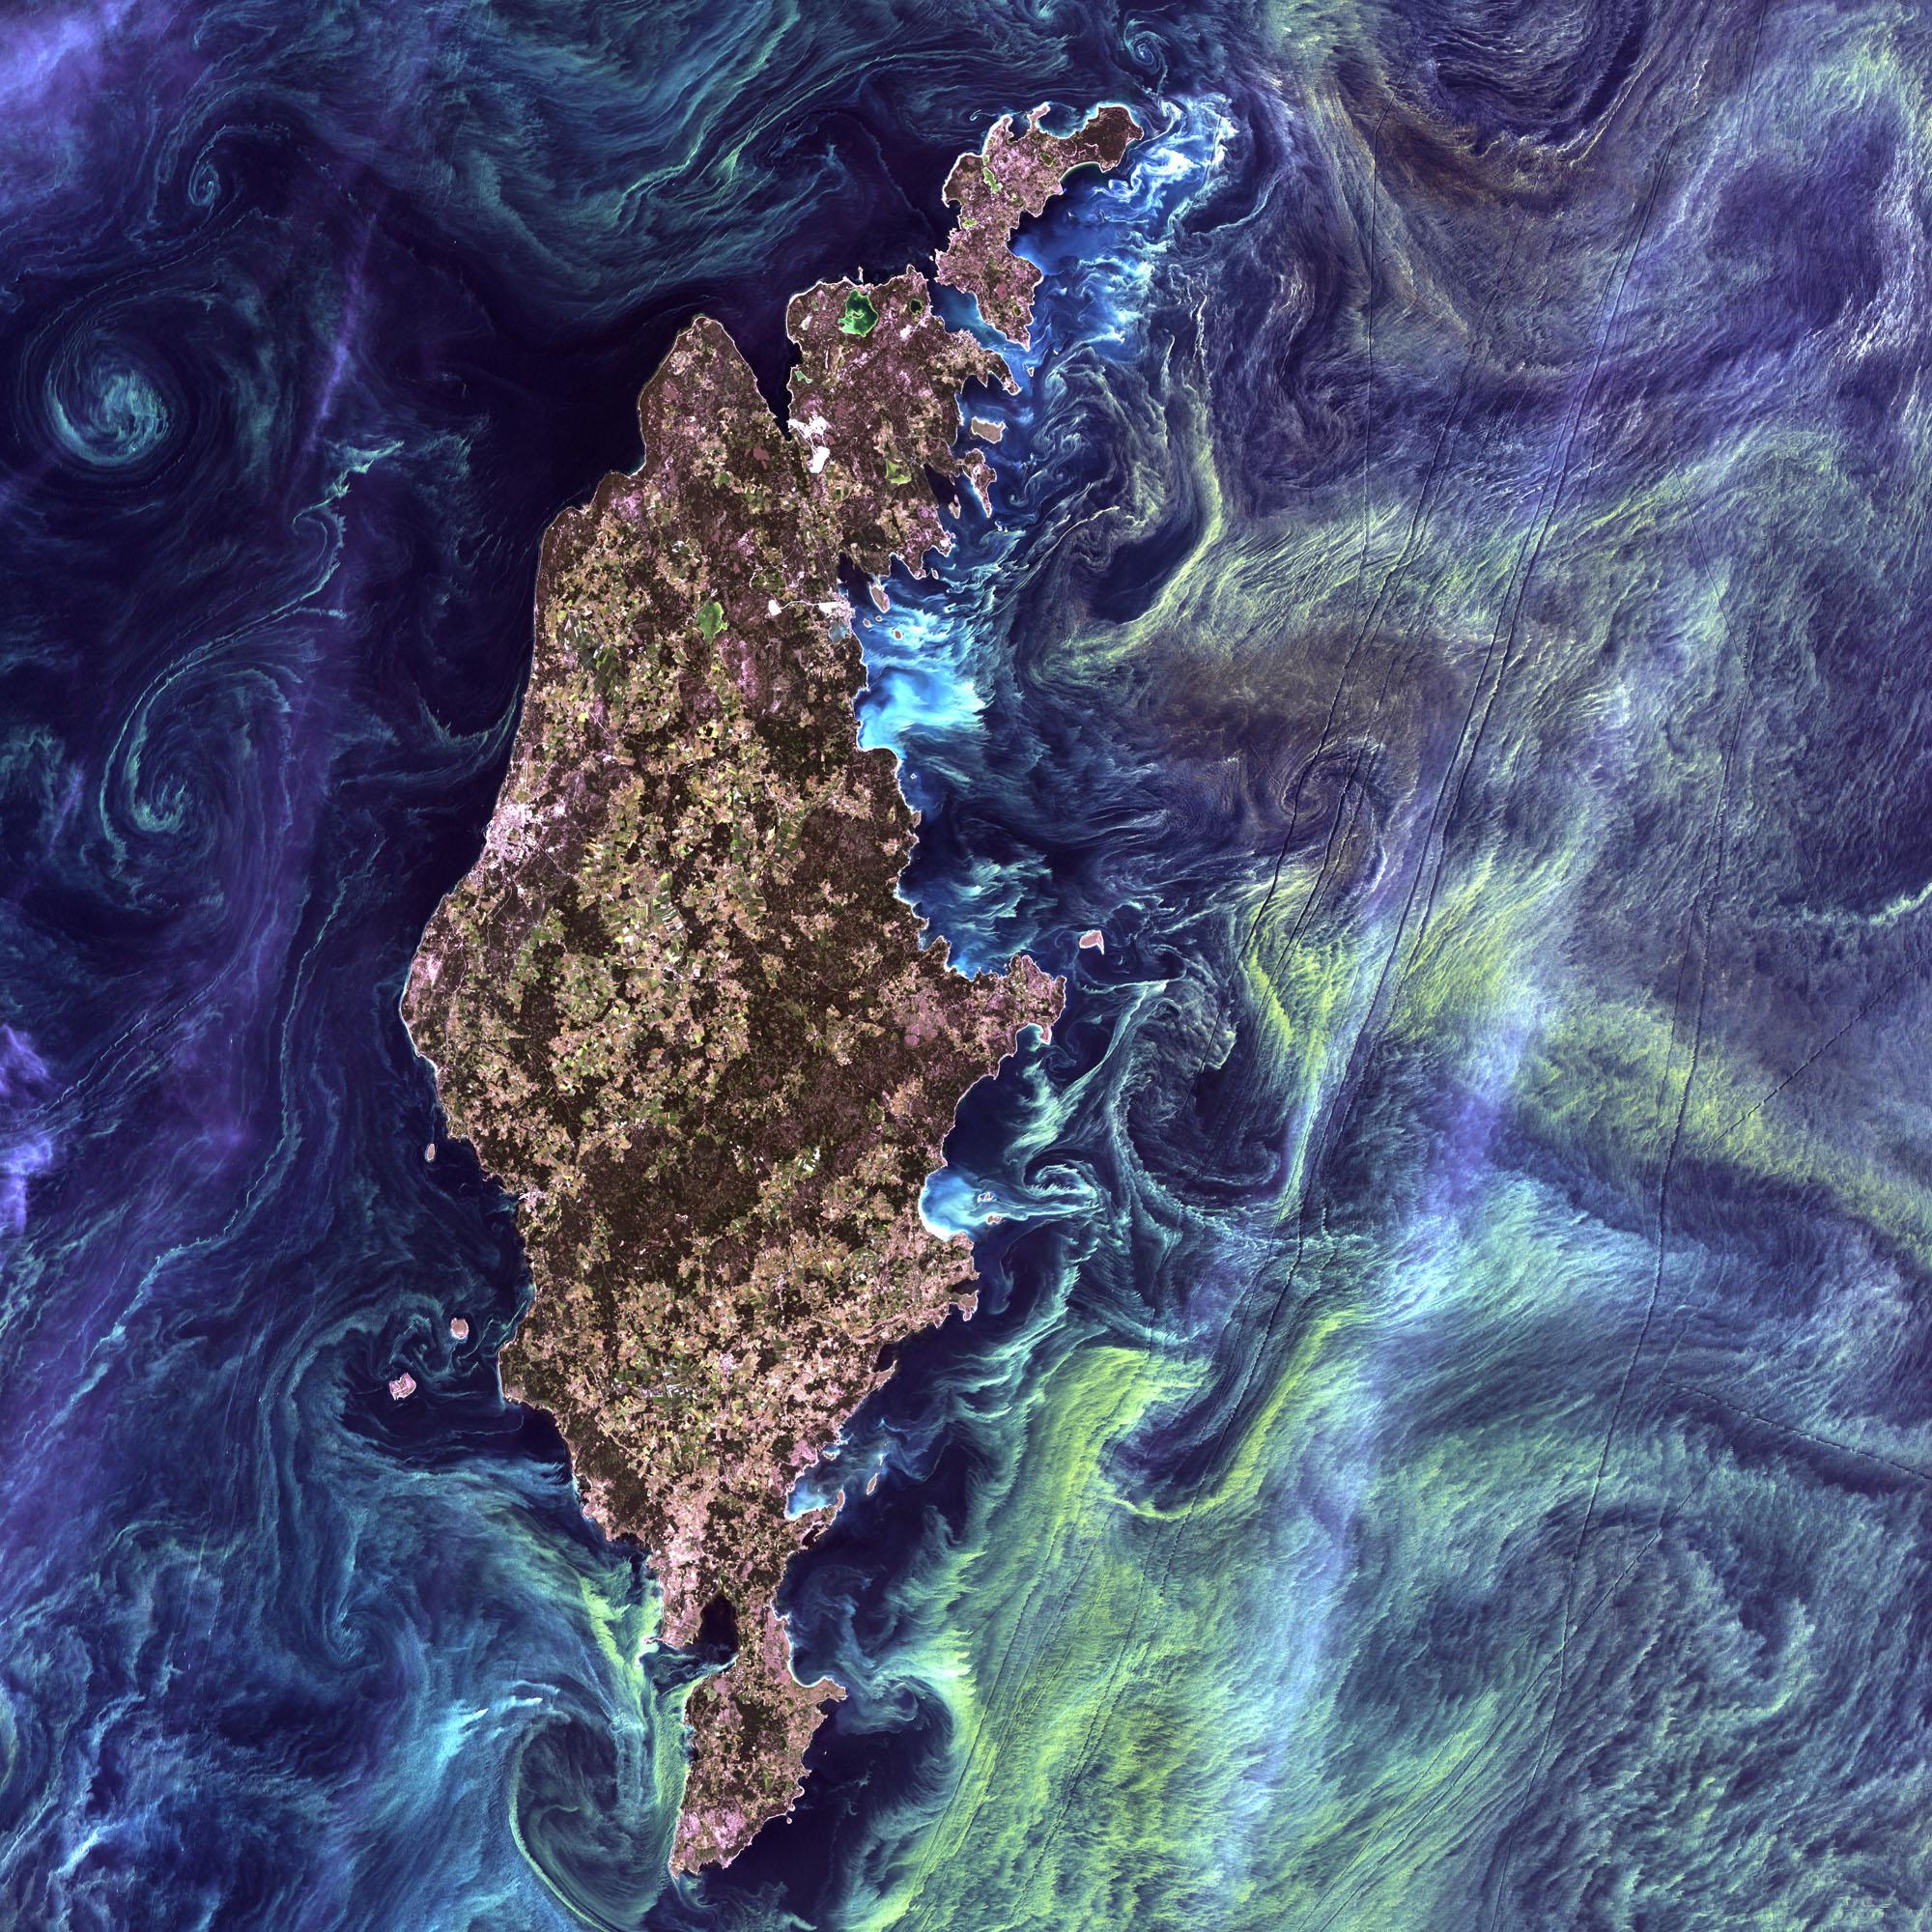 Земля як мистецтво -  фотографії зі супутника Landsat